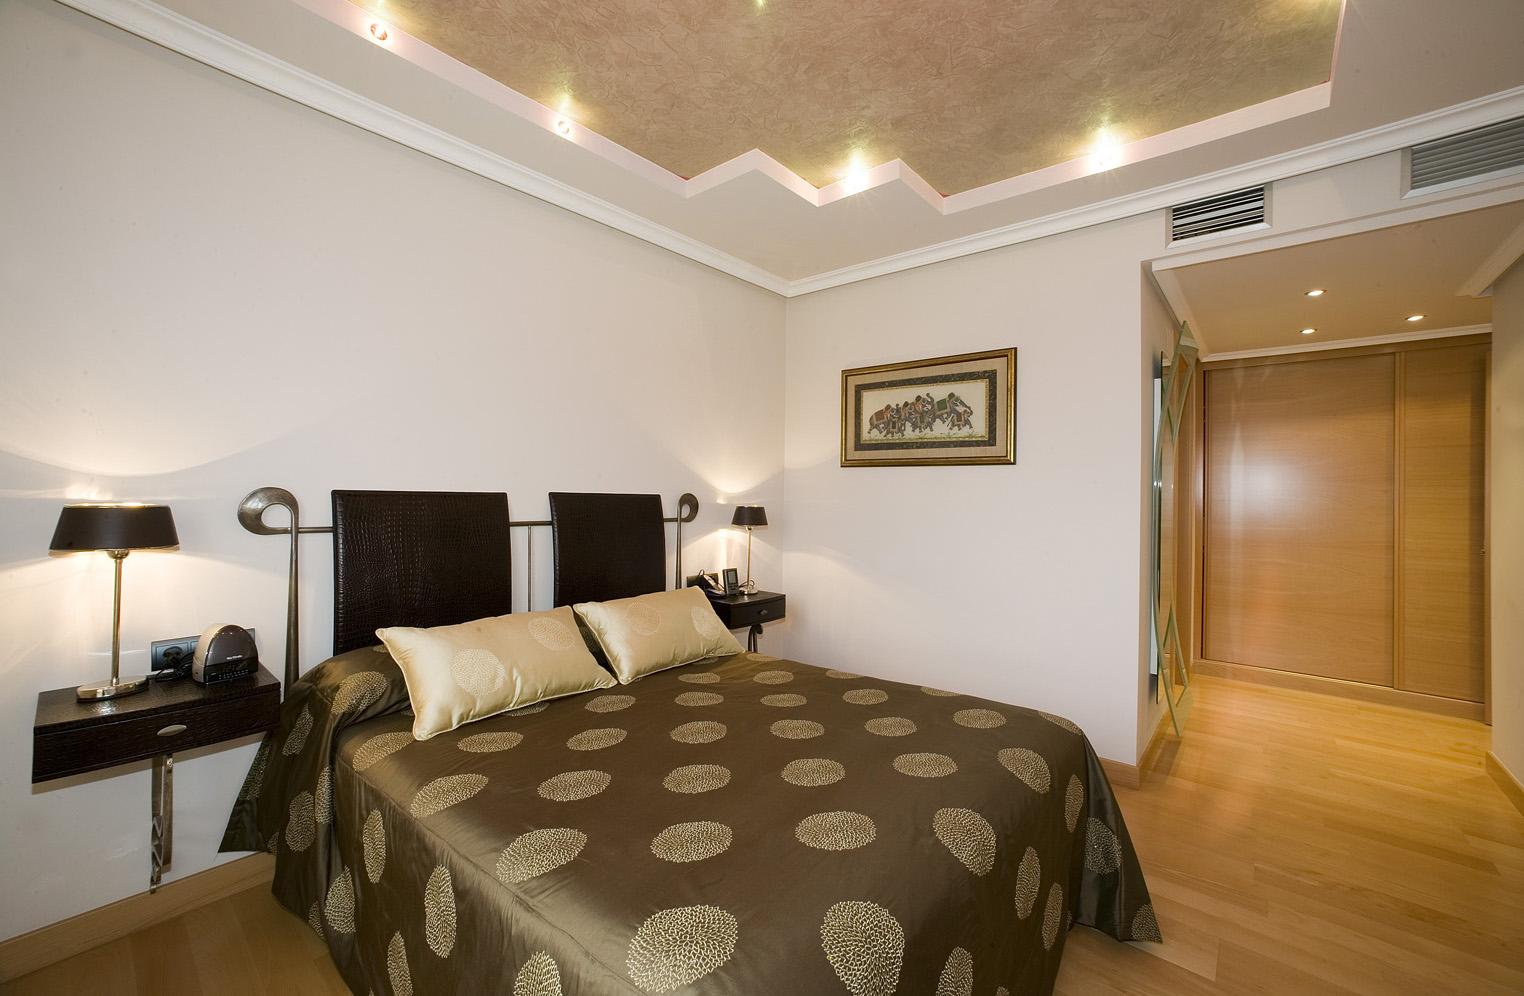 Como decorar el dormitorio con poco dinero for Ideas de decoracion de dormitorios